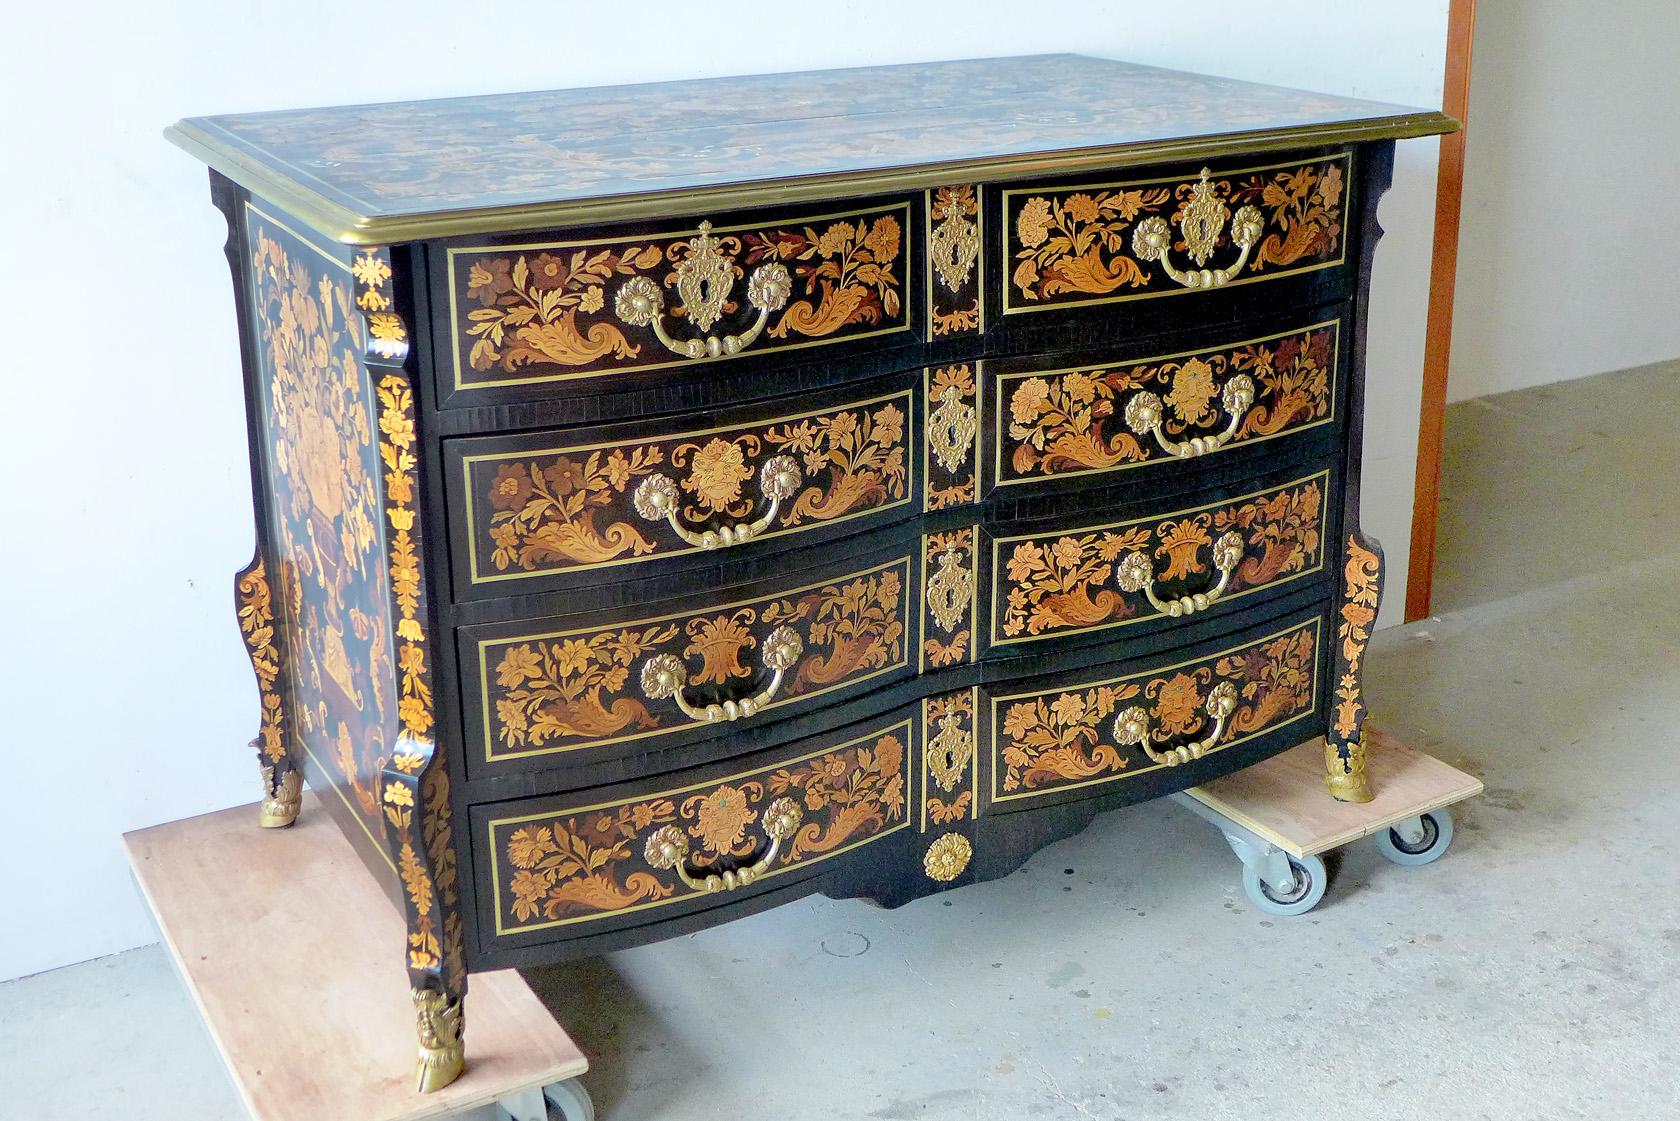 antiek restauratie, hout, restauratie, conservering, houtwerk, meubelrestauratie, restaureren, 17de eeuws object, commode, bijzonder object, haarlem, amsterdam